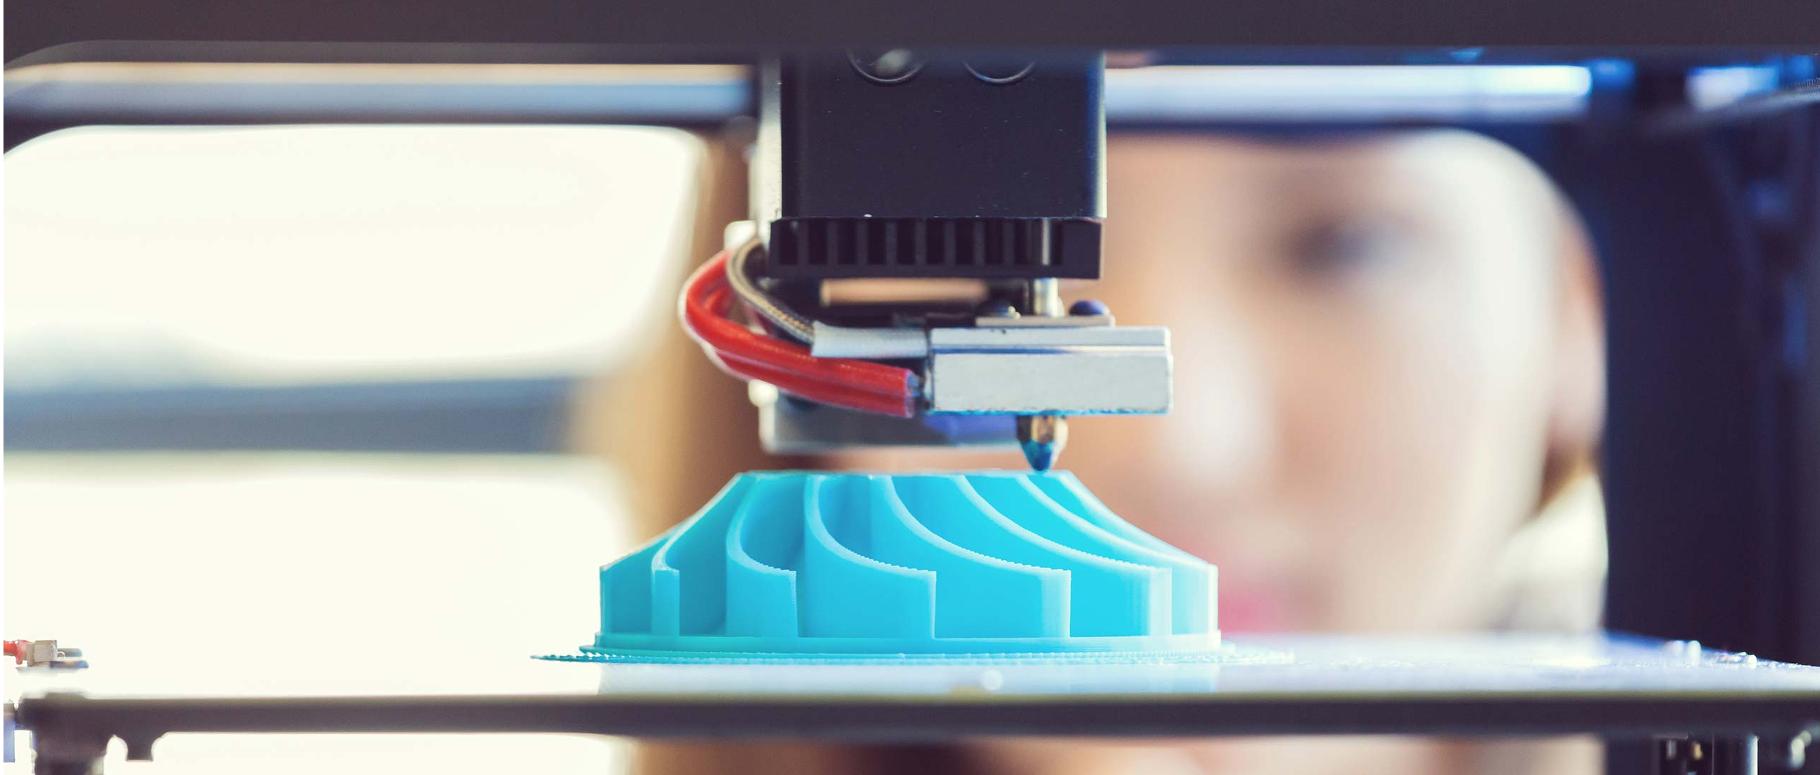 Karaïb 3D Karaïbe Karaïbes Caraïbes Caraïbe Impression conception fabrication numérique imprimante banniere-vide-fabrication